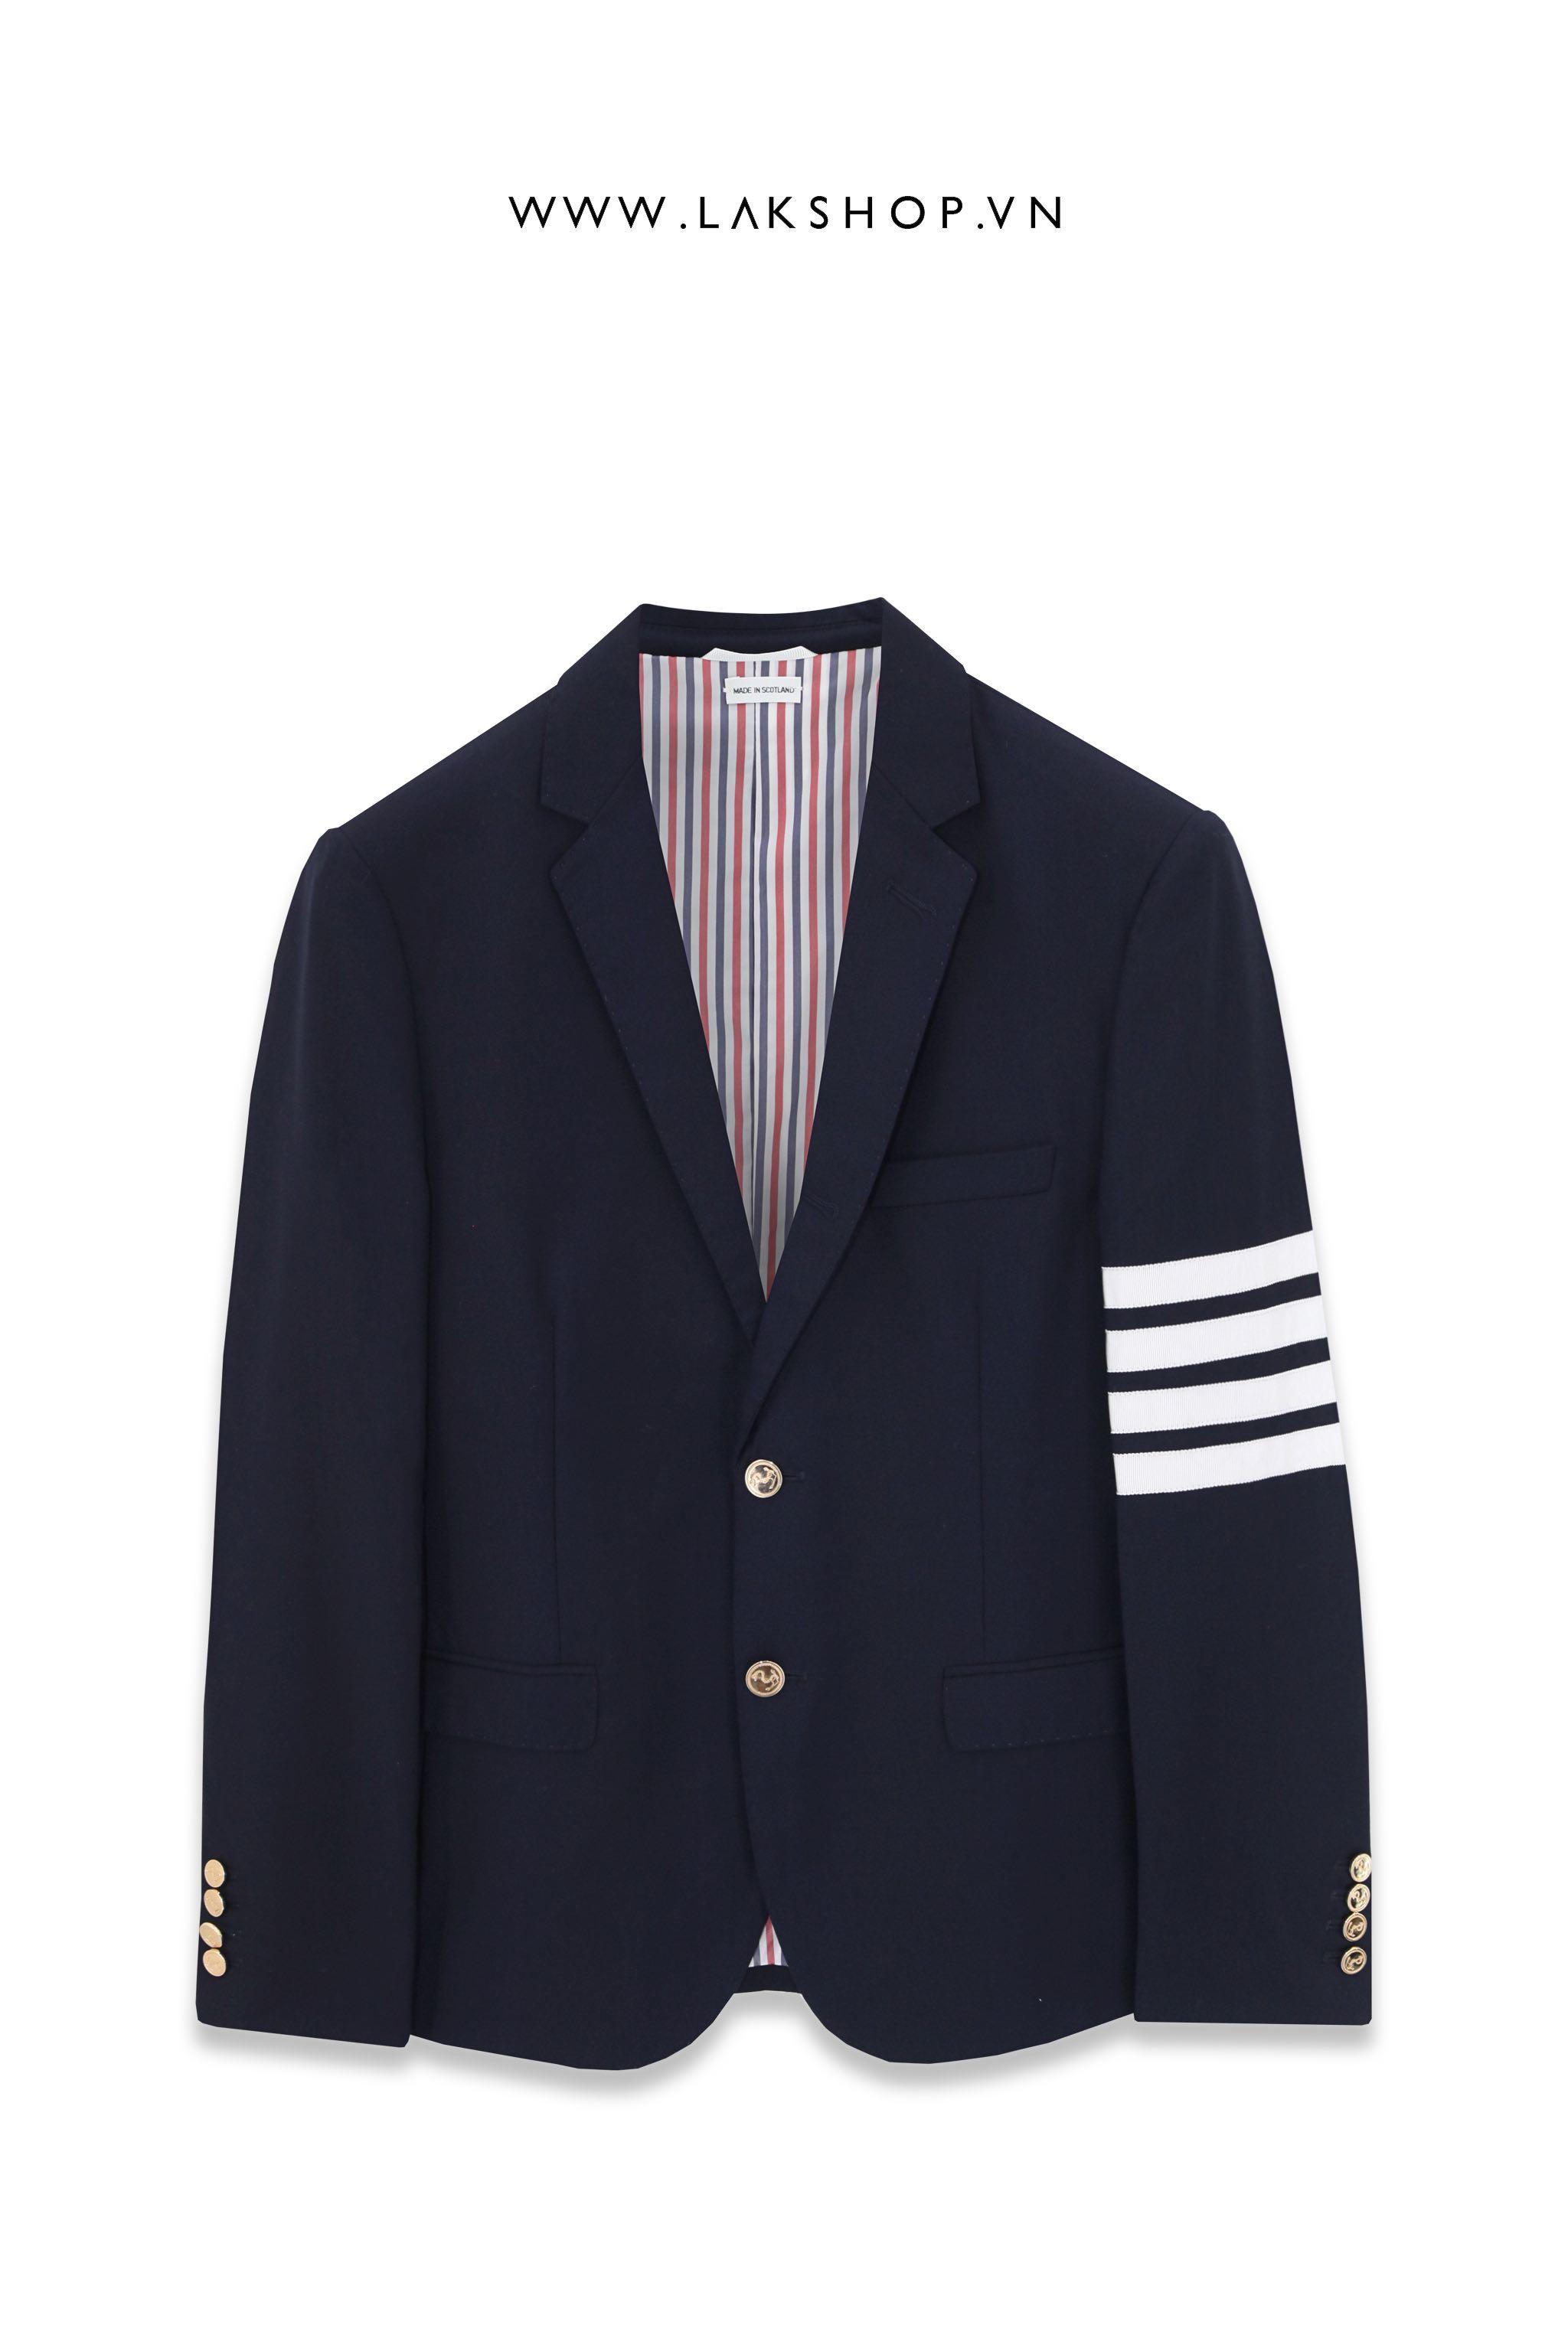 Gucci Monogram Velvet Logo Polo Shirt cv1